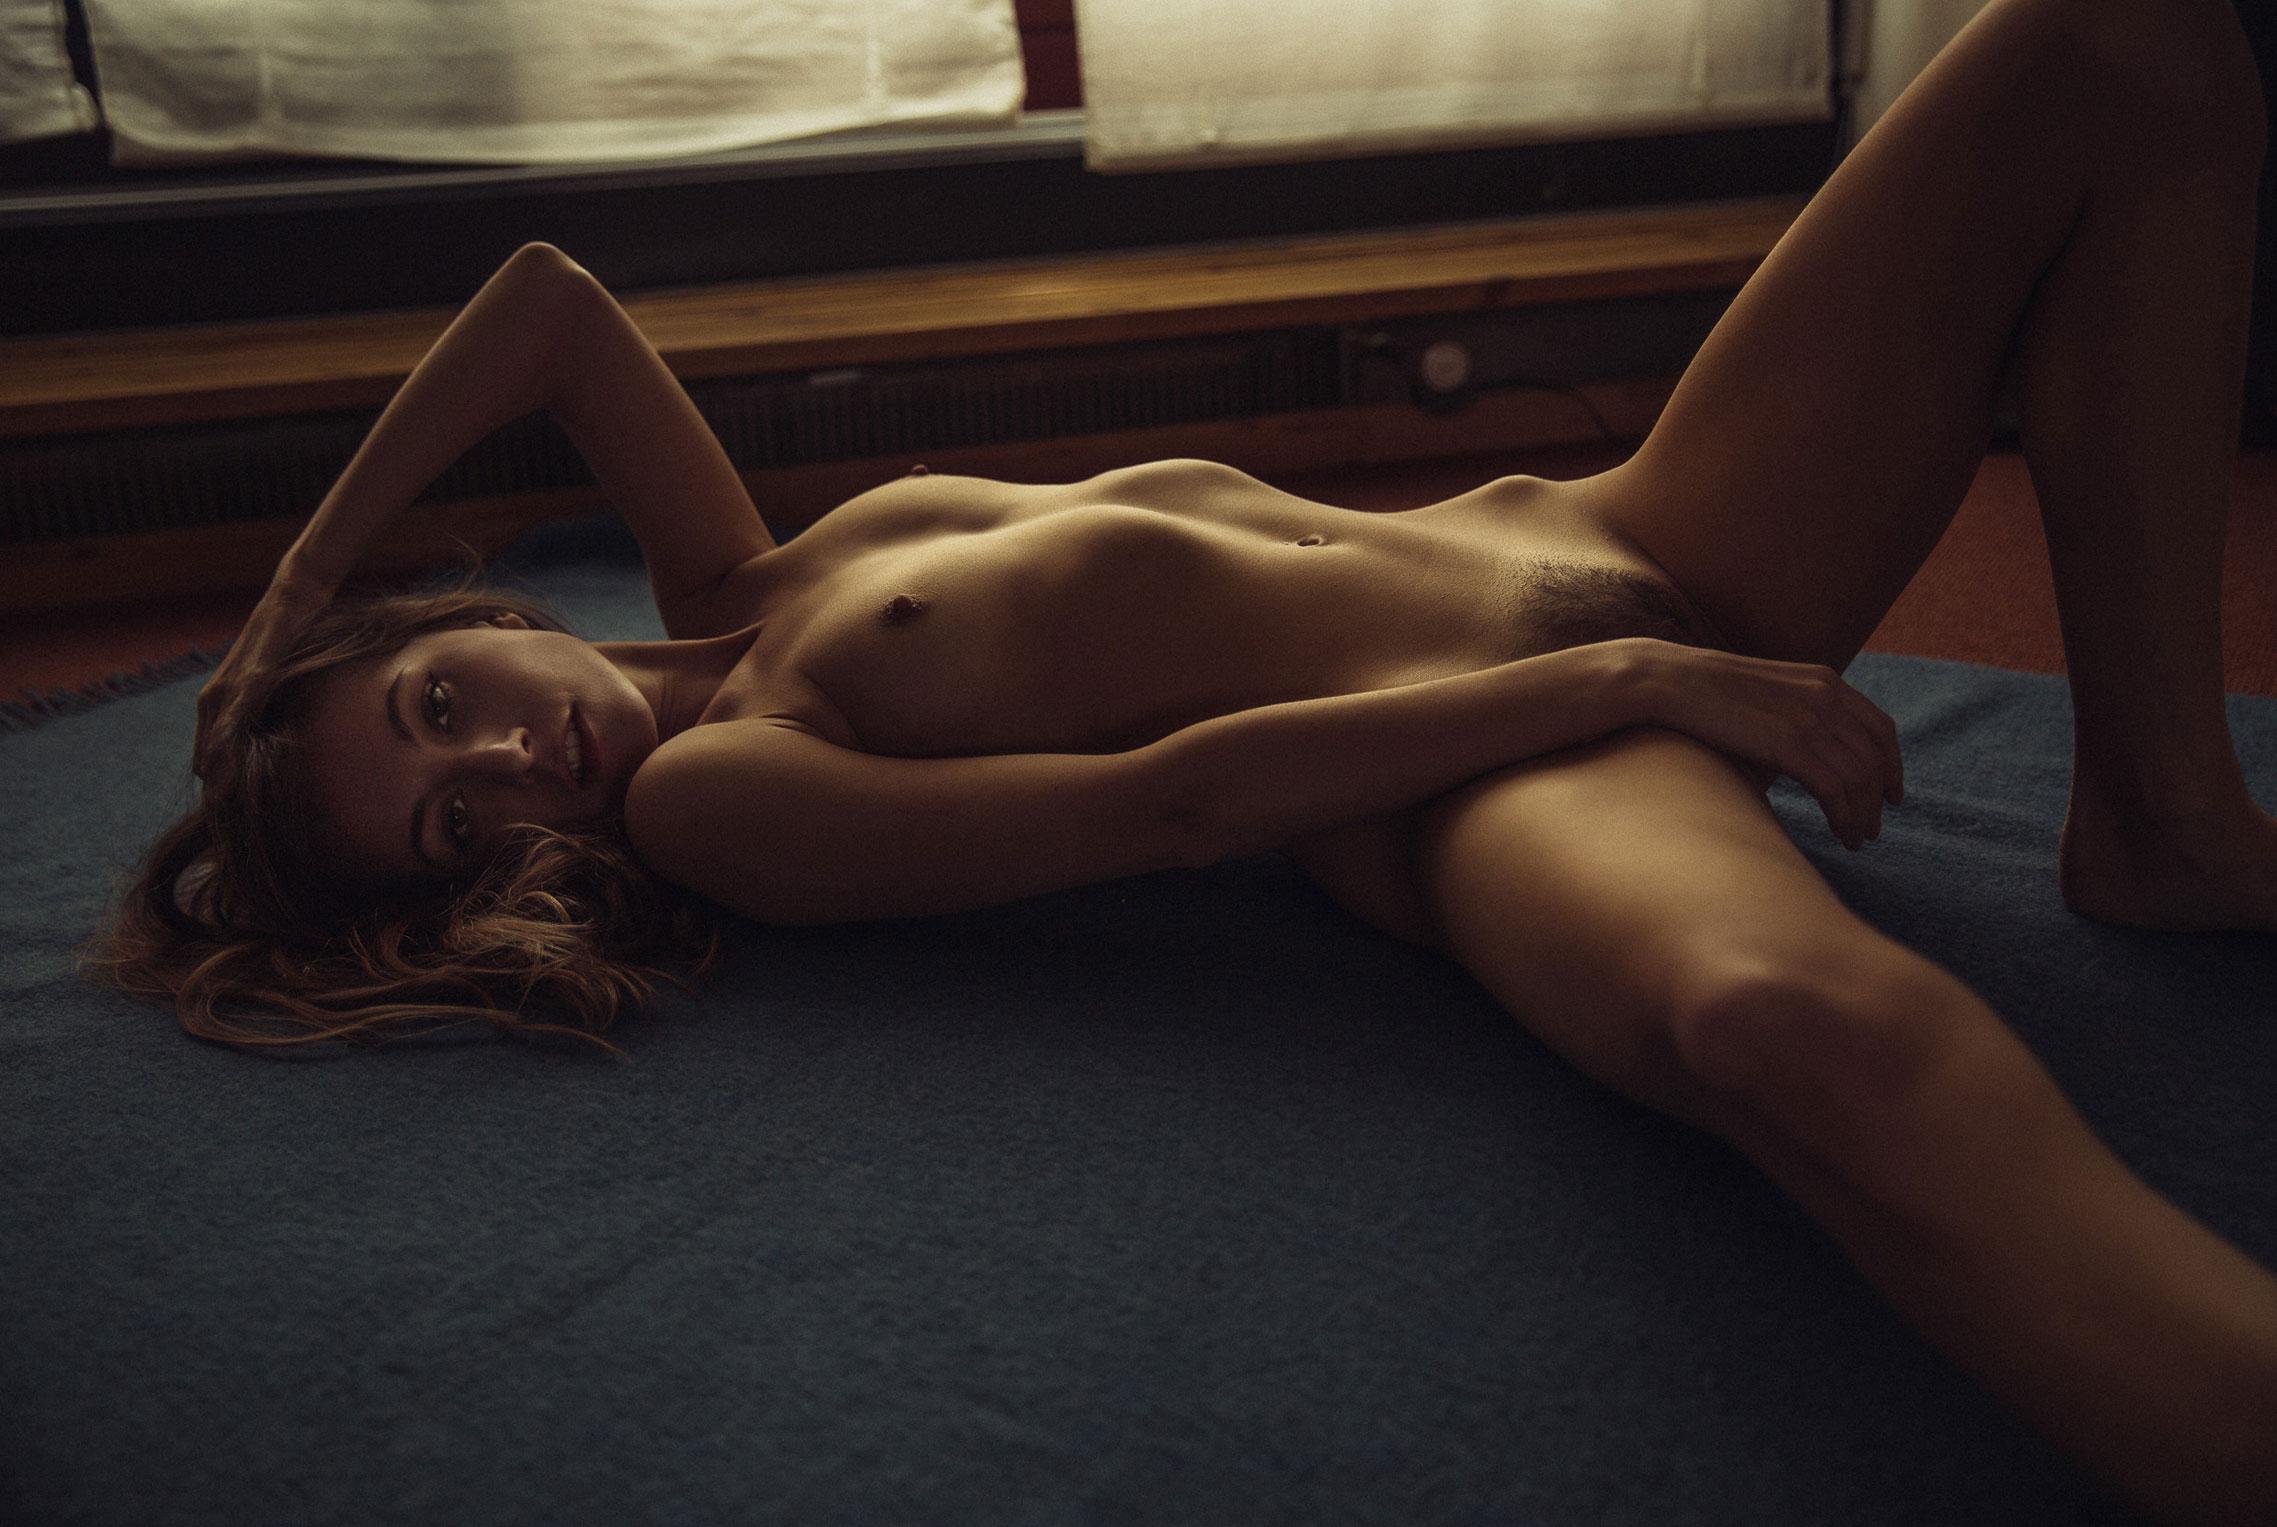 подборка фотографий сексуальных голых девушек - Анна Орлова / Anna Orlova